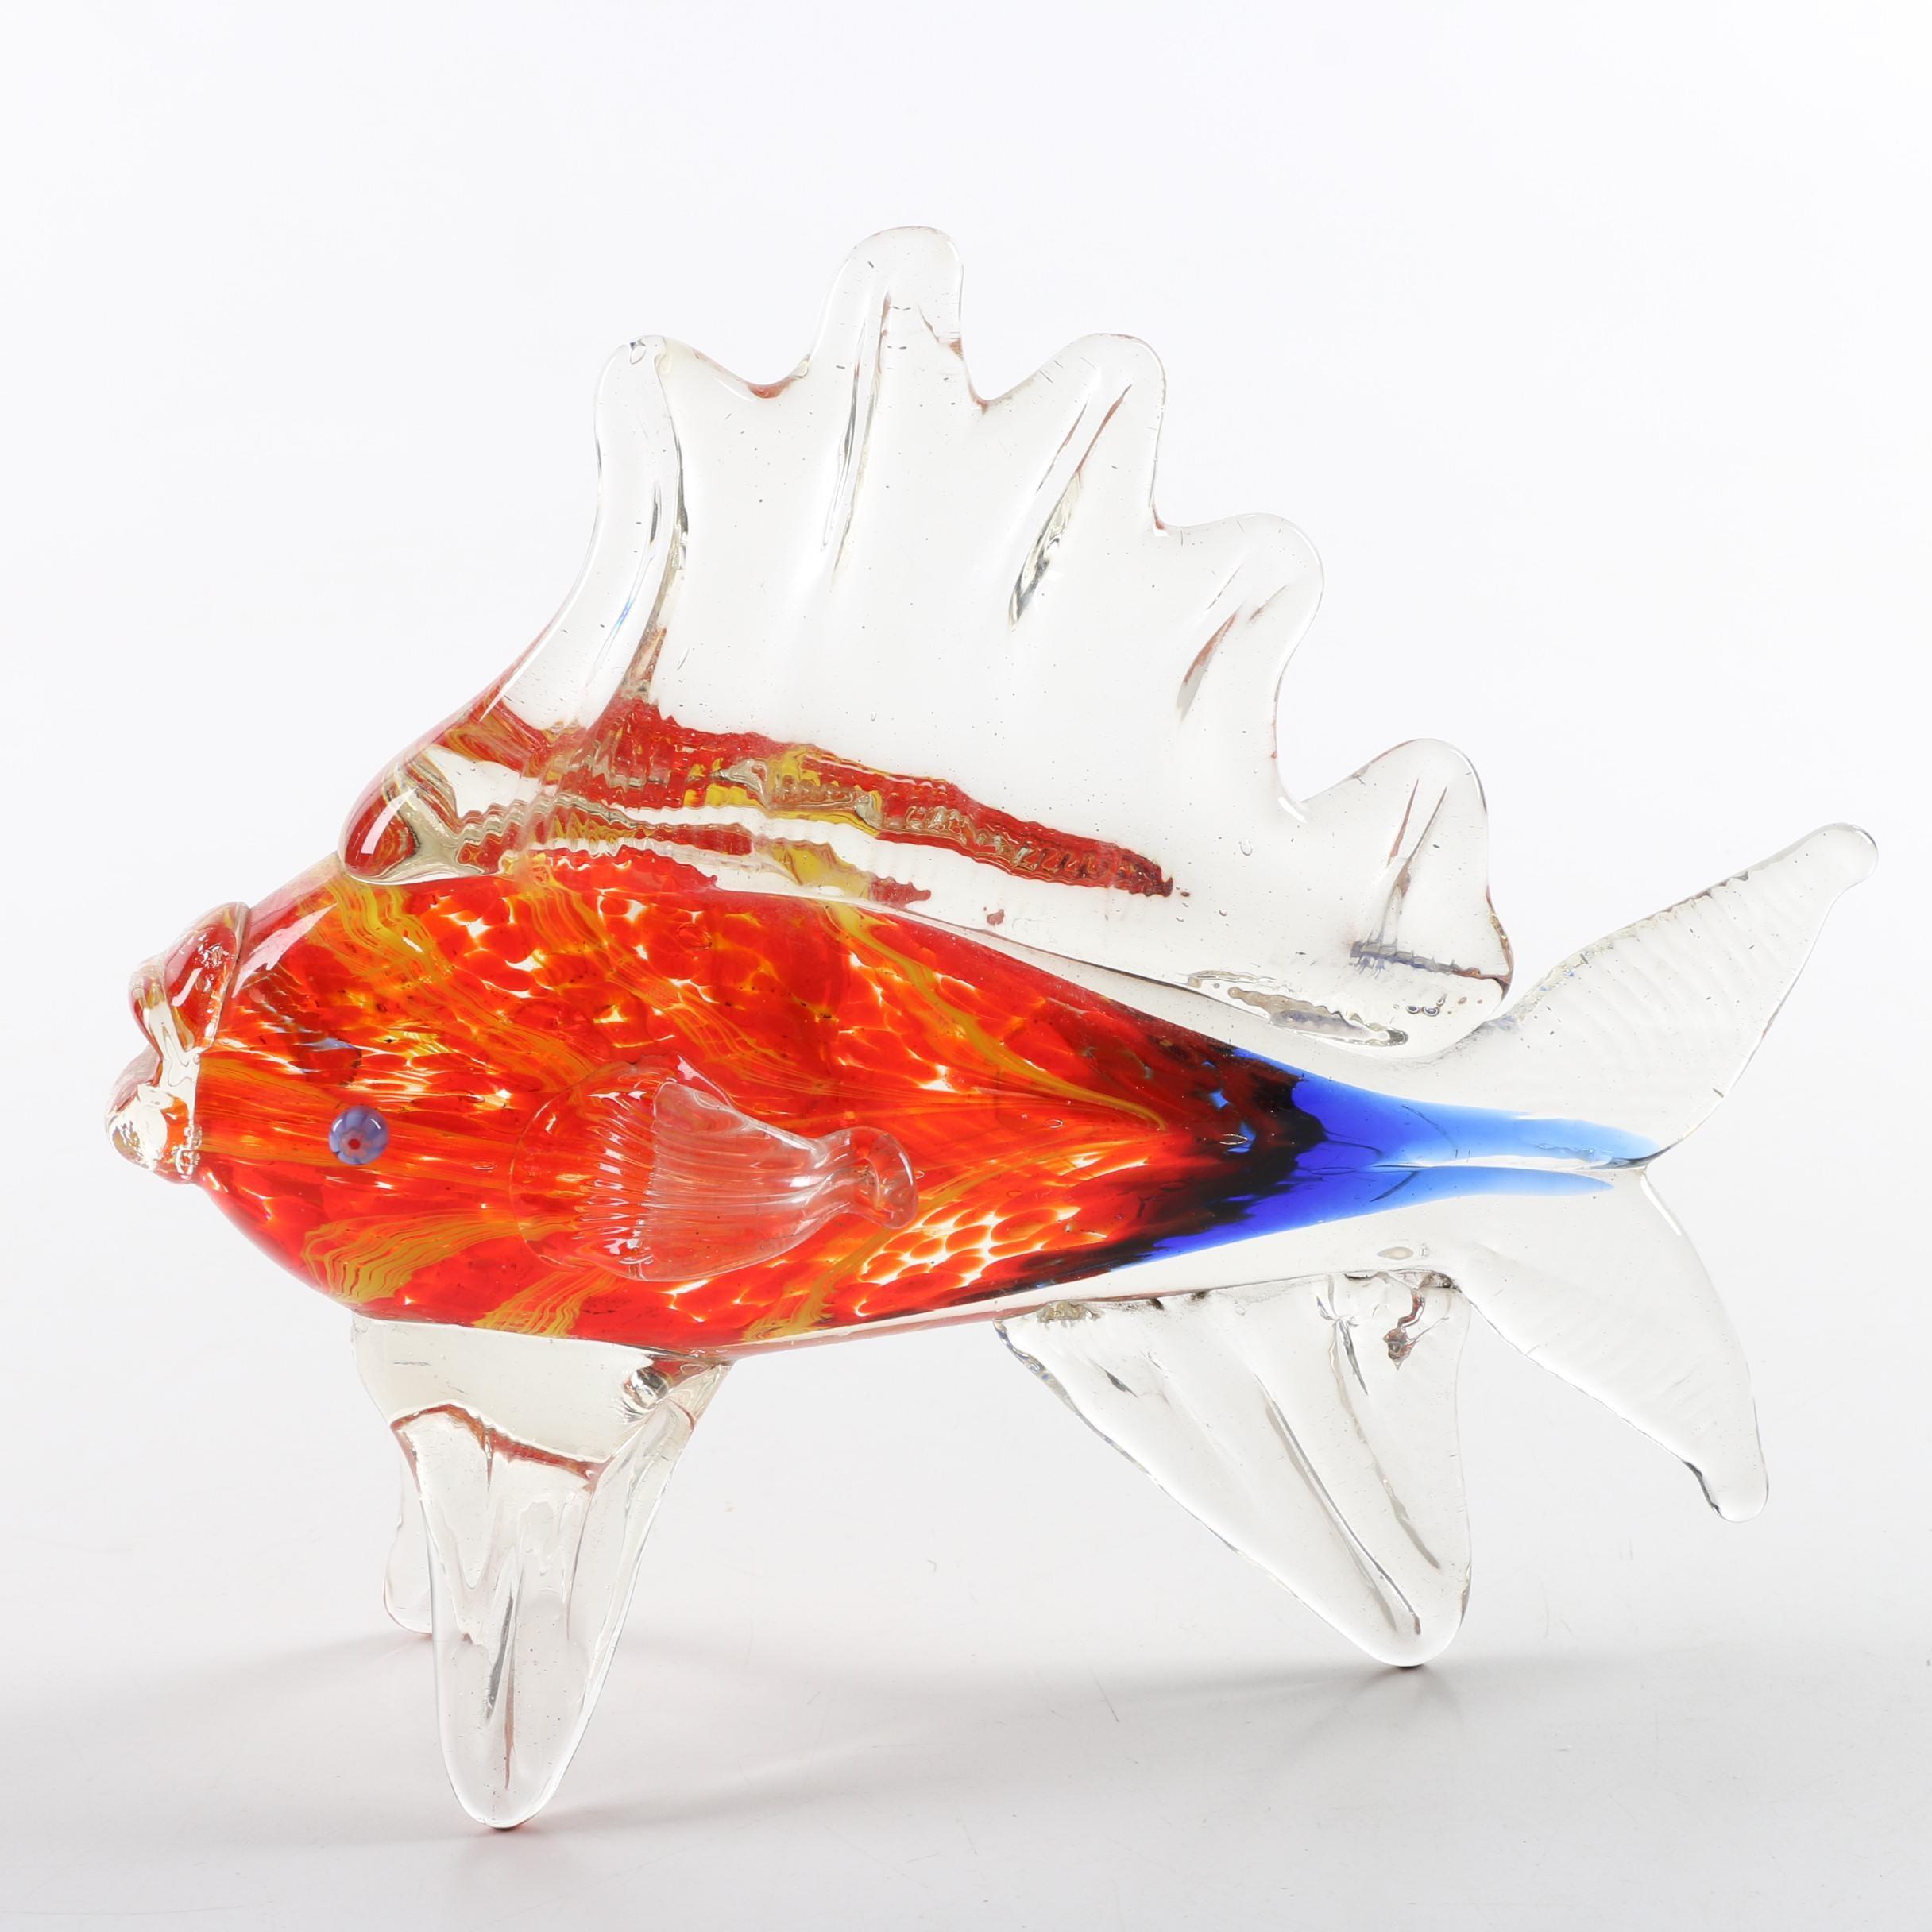 Murano Style Art Glass Fish with Millefiori Eyes